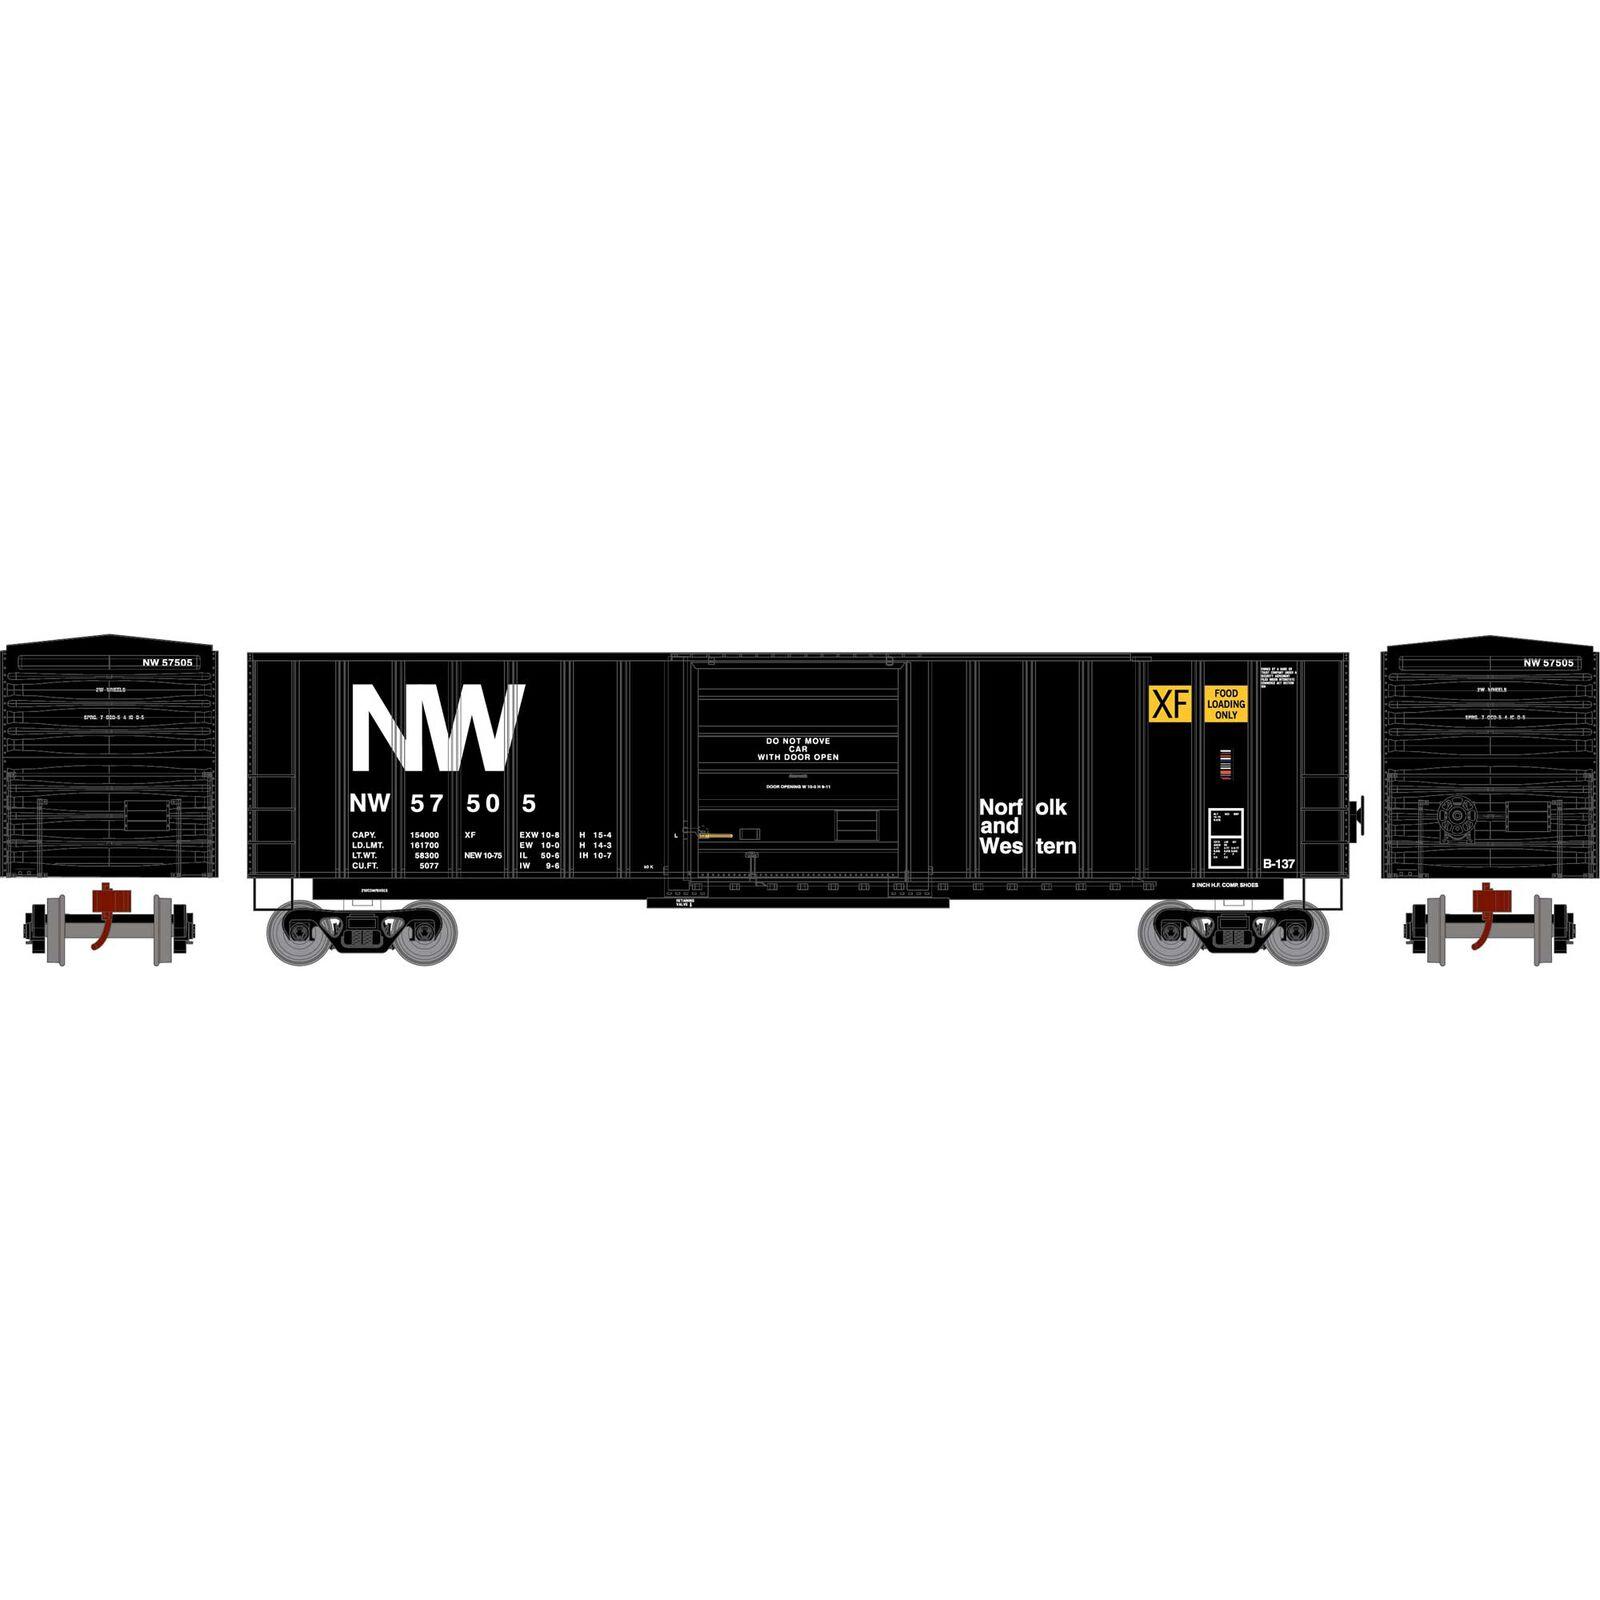 N 50' SIECO Box, N&W #57505